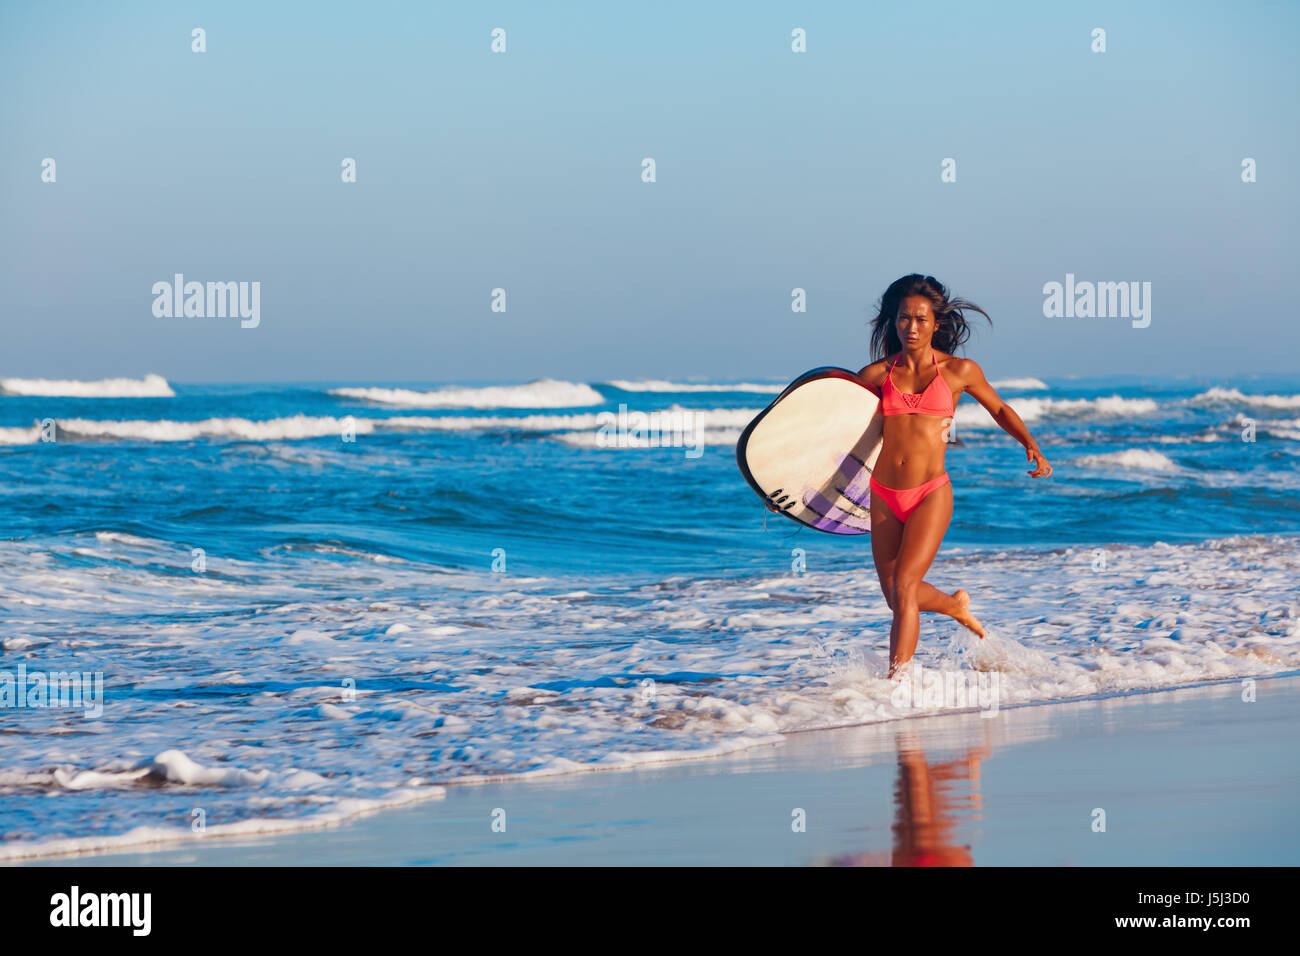 Mädchen im Bikini mit Surfbrett hat Spaß. Frau Surfer ins Wasser, laufen mit Spritzern durch Ozeanwelle Stockbild